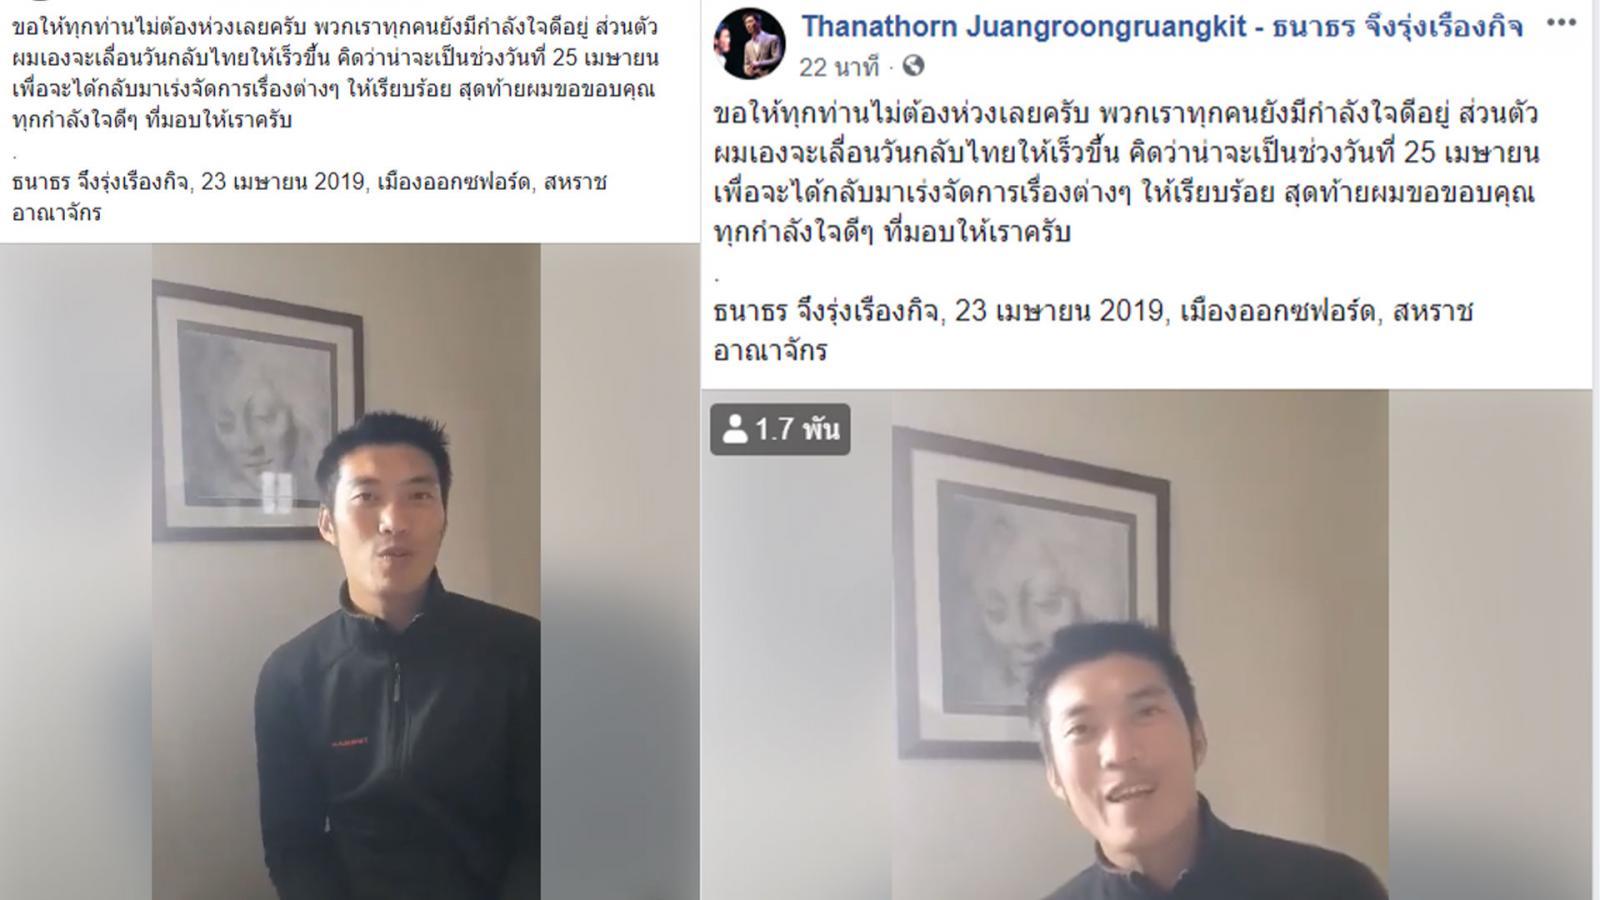 """""""ธนาธร""""ลั่น เดินหน้าสู้คดีโอนหุ้นสื่อ กลับไทย 25 เม.ย. นี้"""